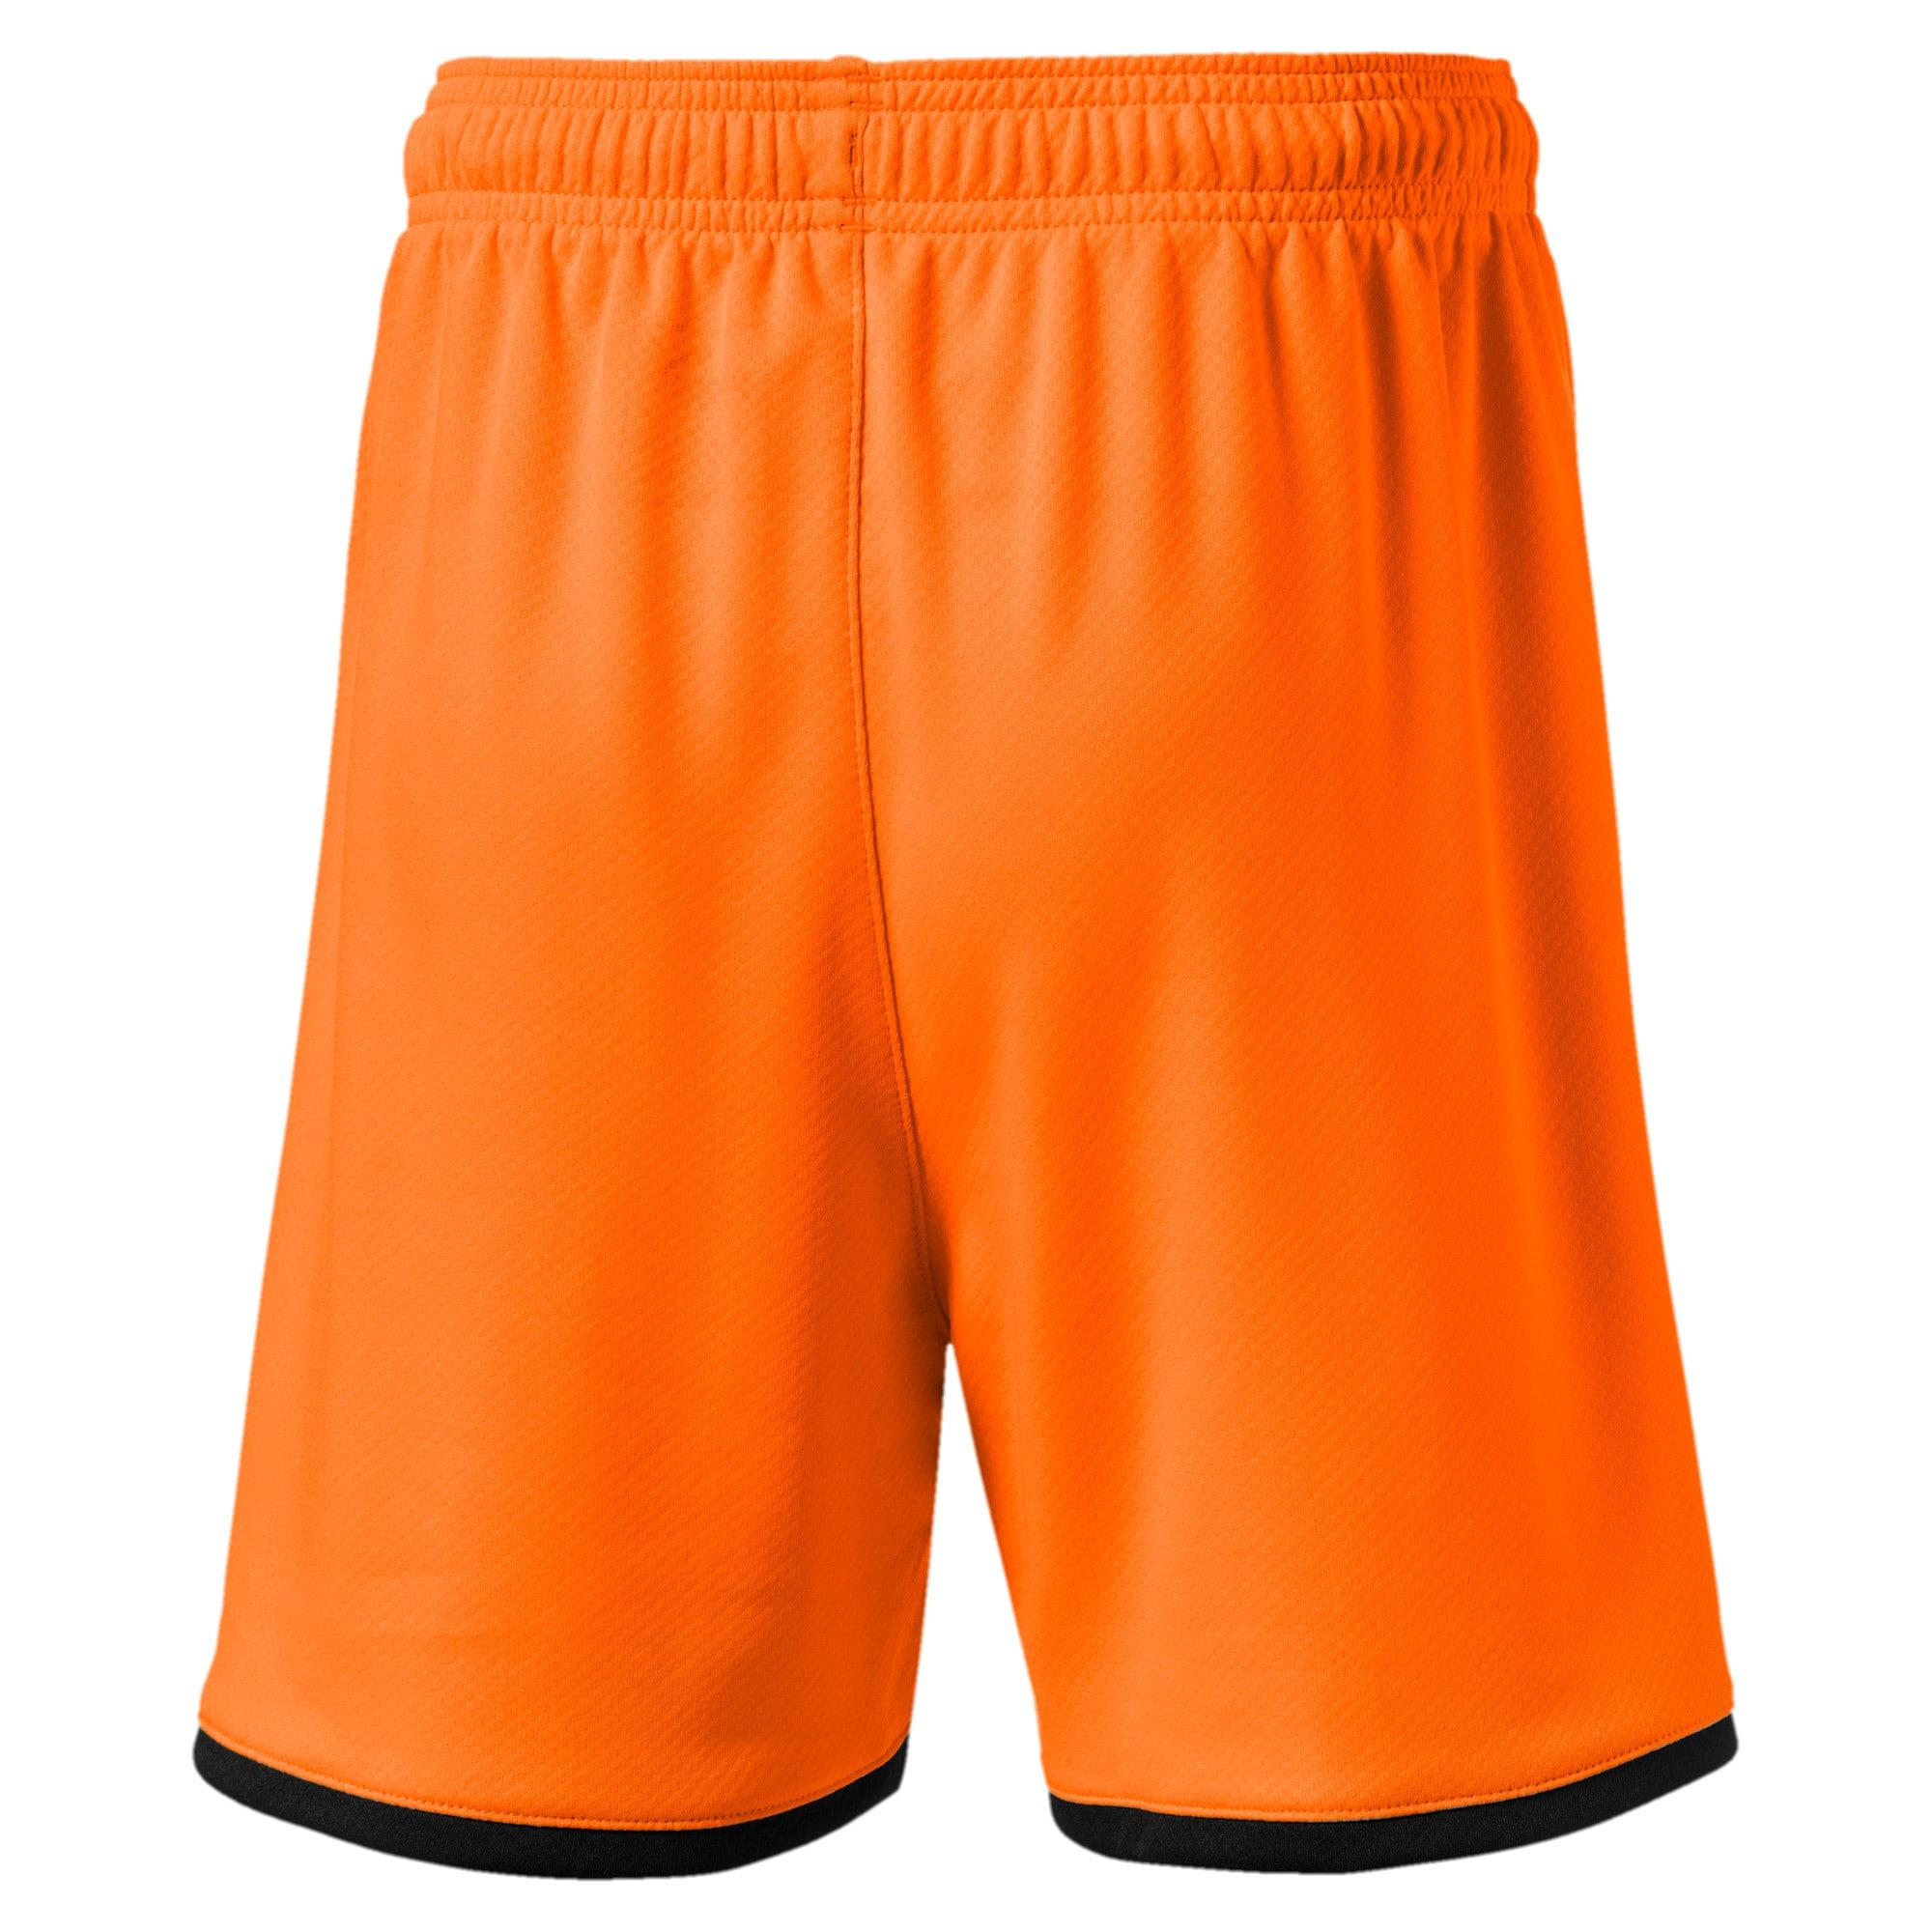 Imagen en miniatura 2 de Shorts de réplica de niño Valencia CF, Vibrant Orange-Puma Black, mediana